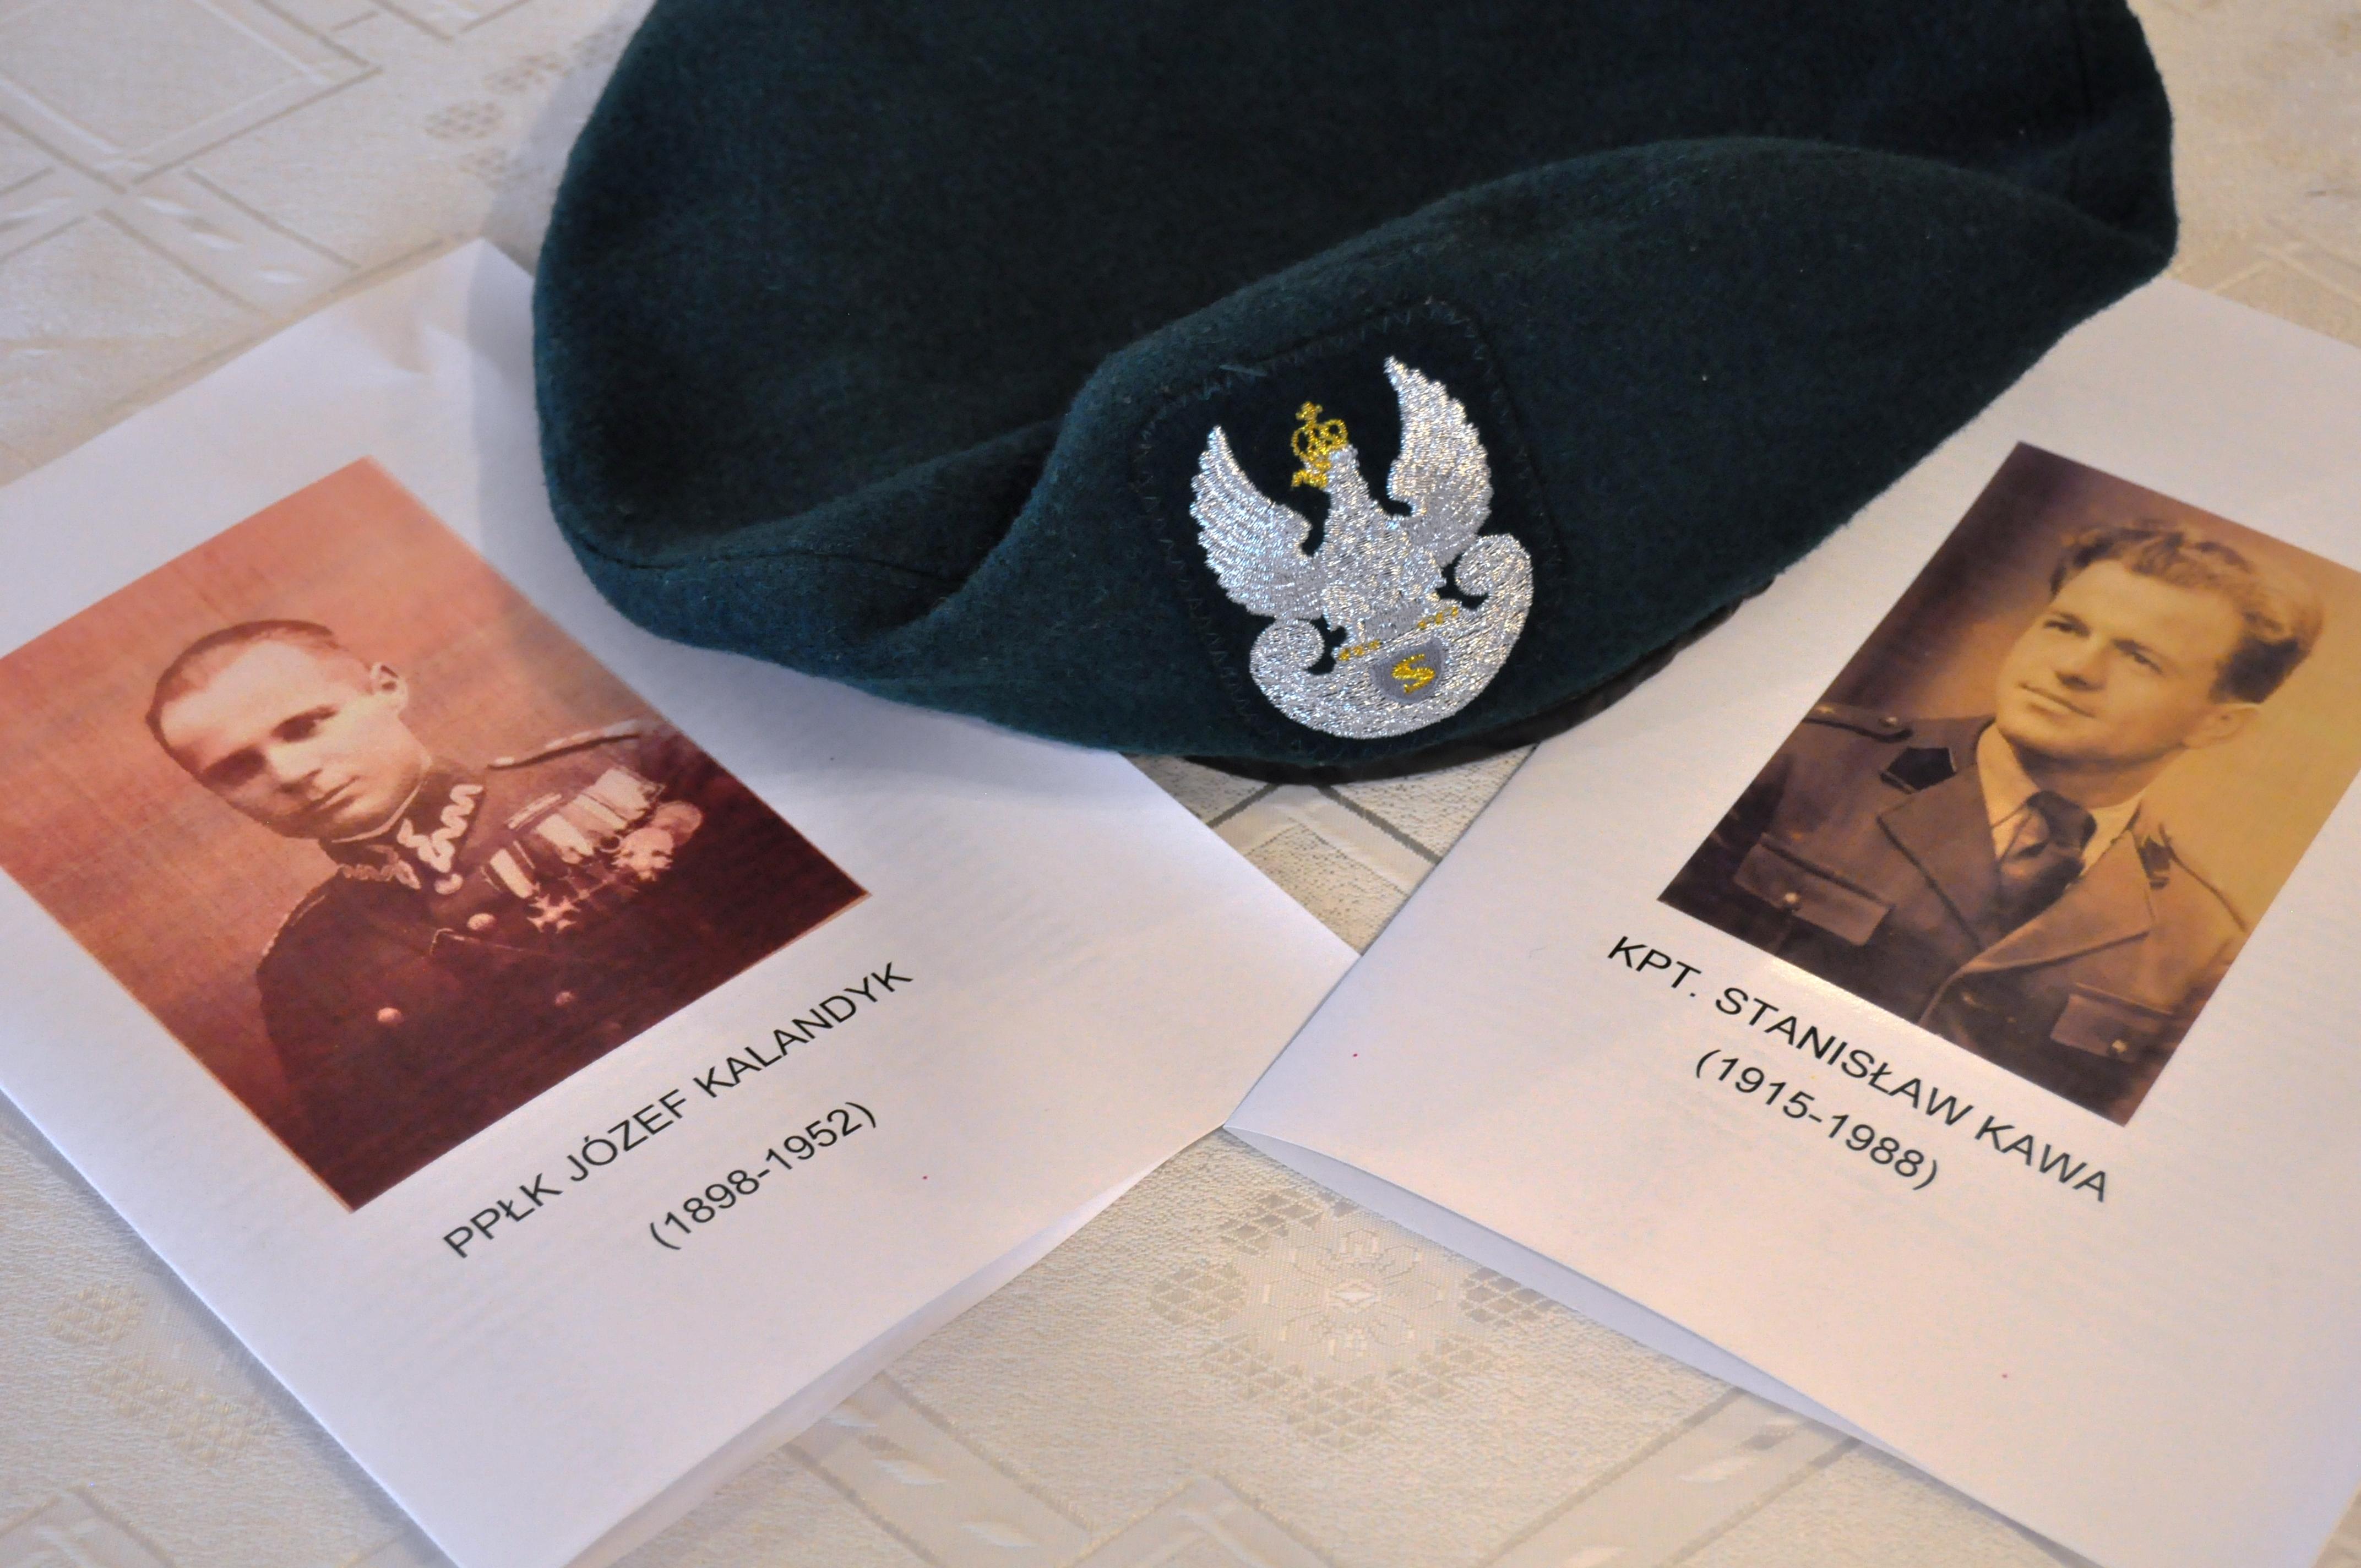 W Powiecie Rzeszowskim uhonorowano Niechobrzańskich bohaterów.